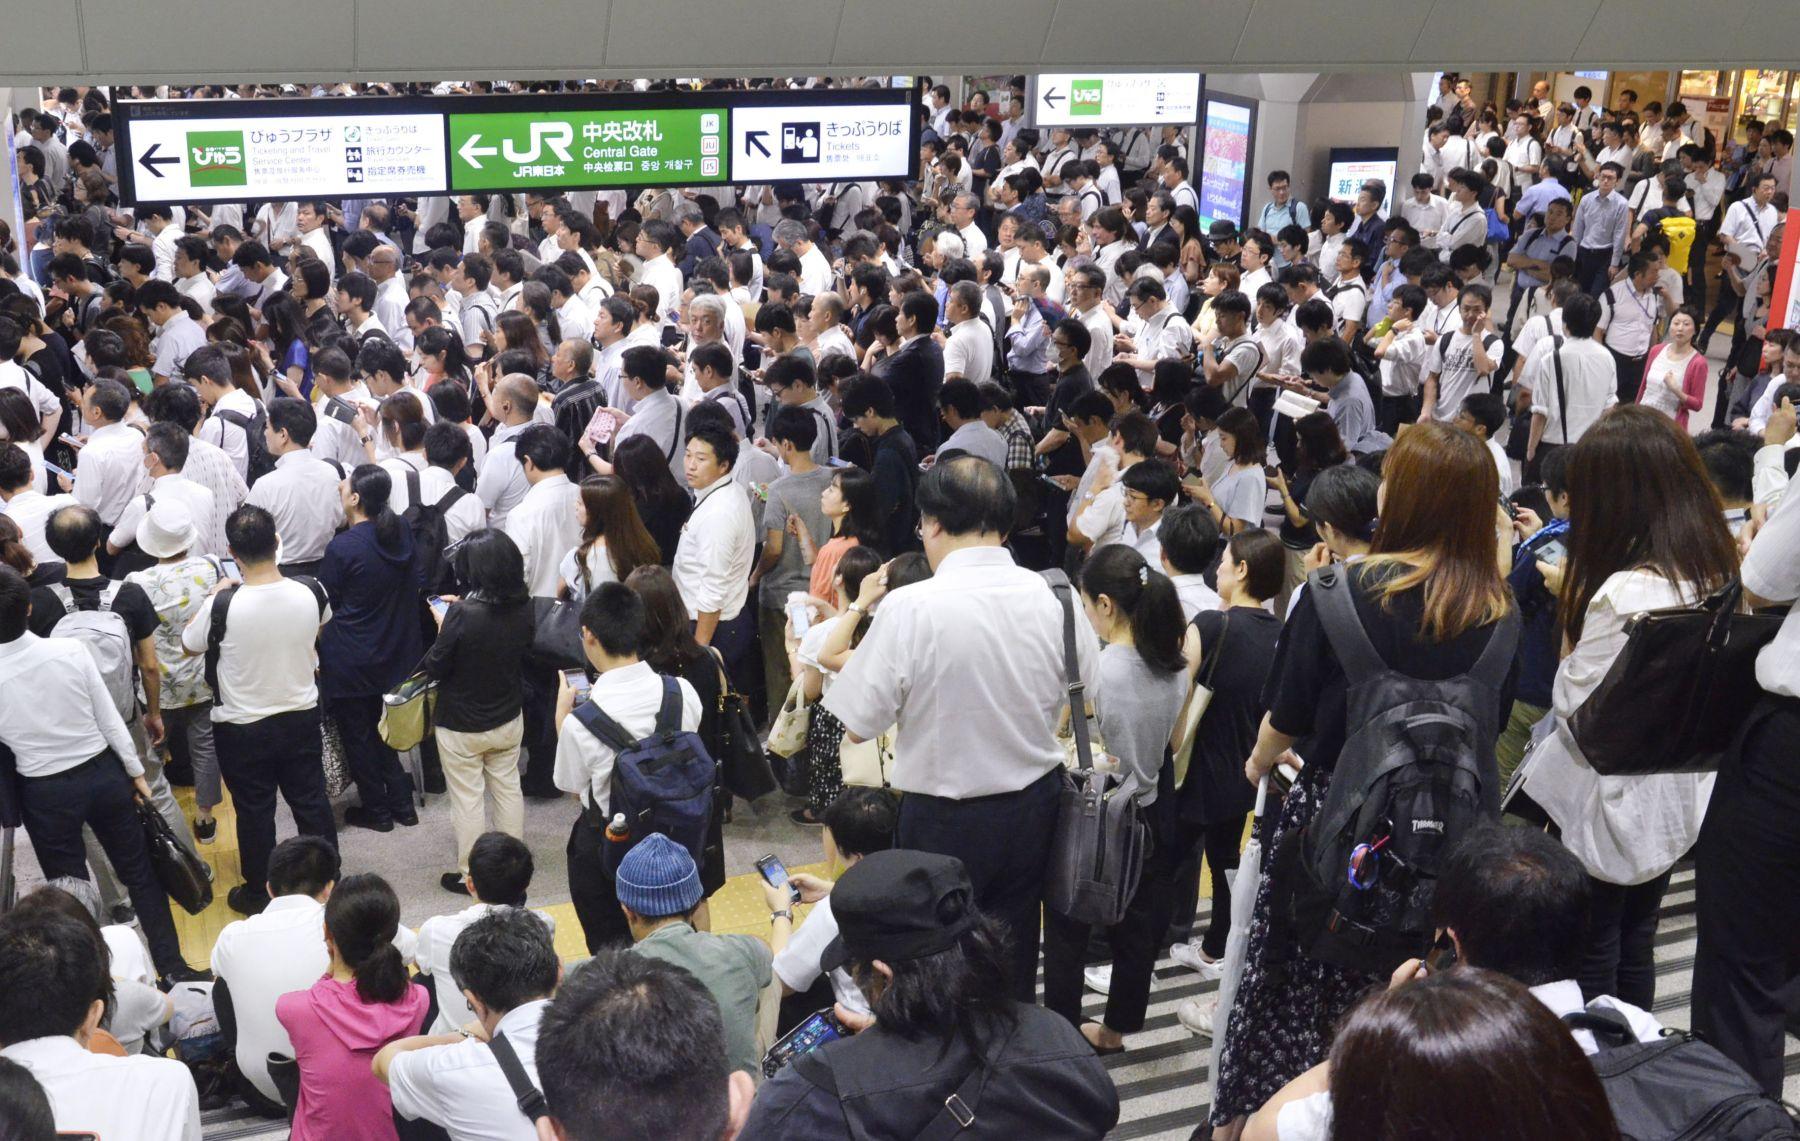 Japan Metro Tokyo Aftermath of Typhoon Faxai 029